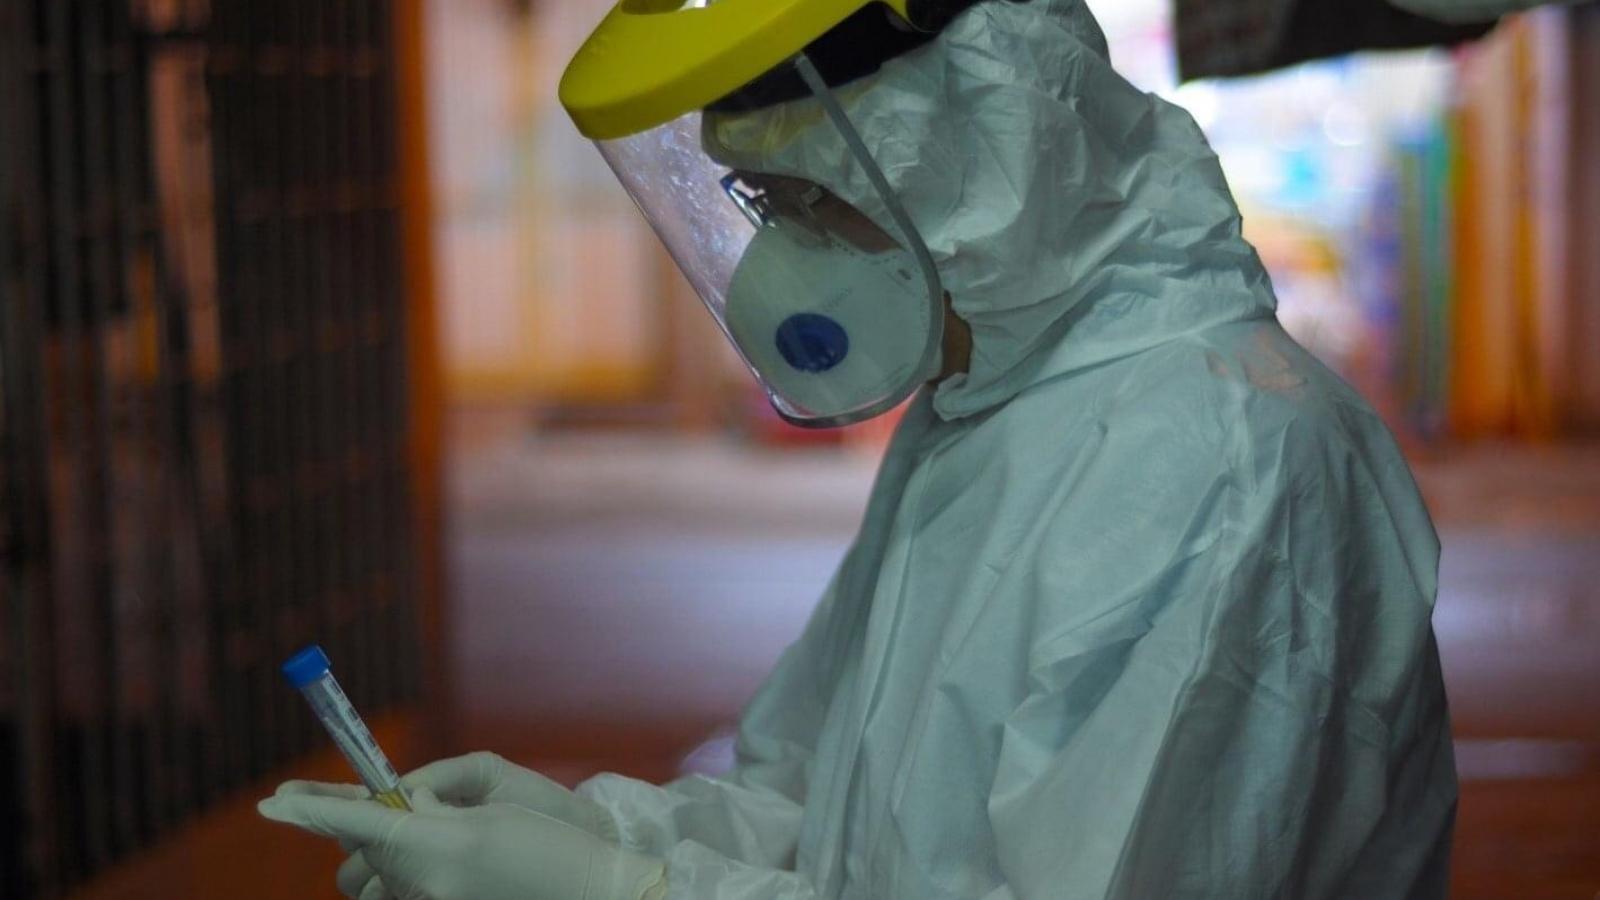 Gần 1000 nhânviênBệnh viện Mắt TPHCM được xét nghiệm Covid-19